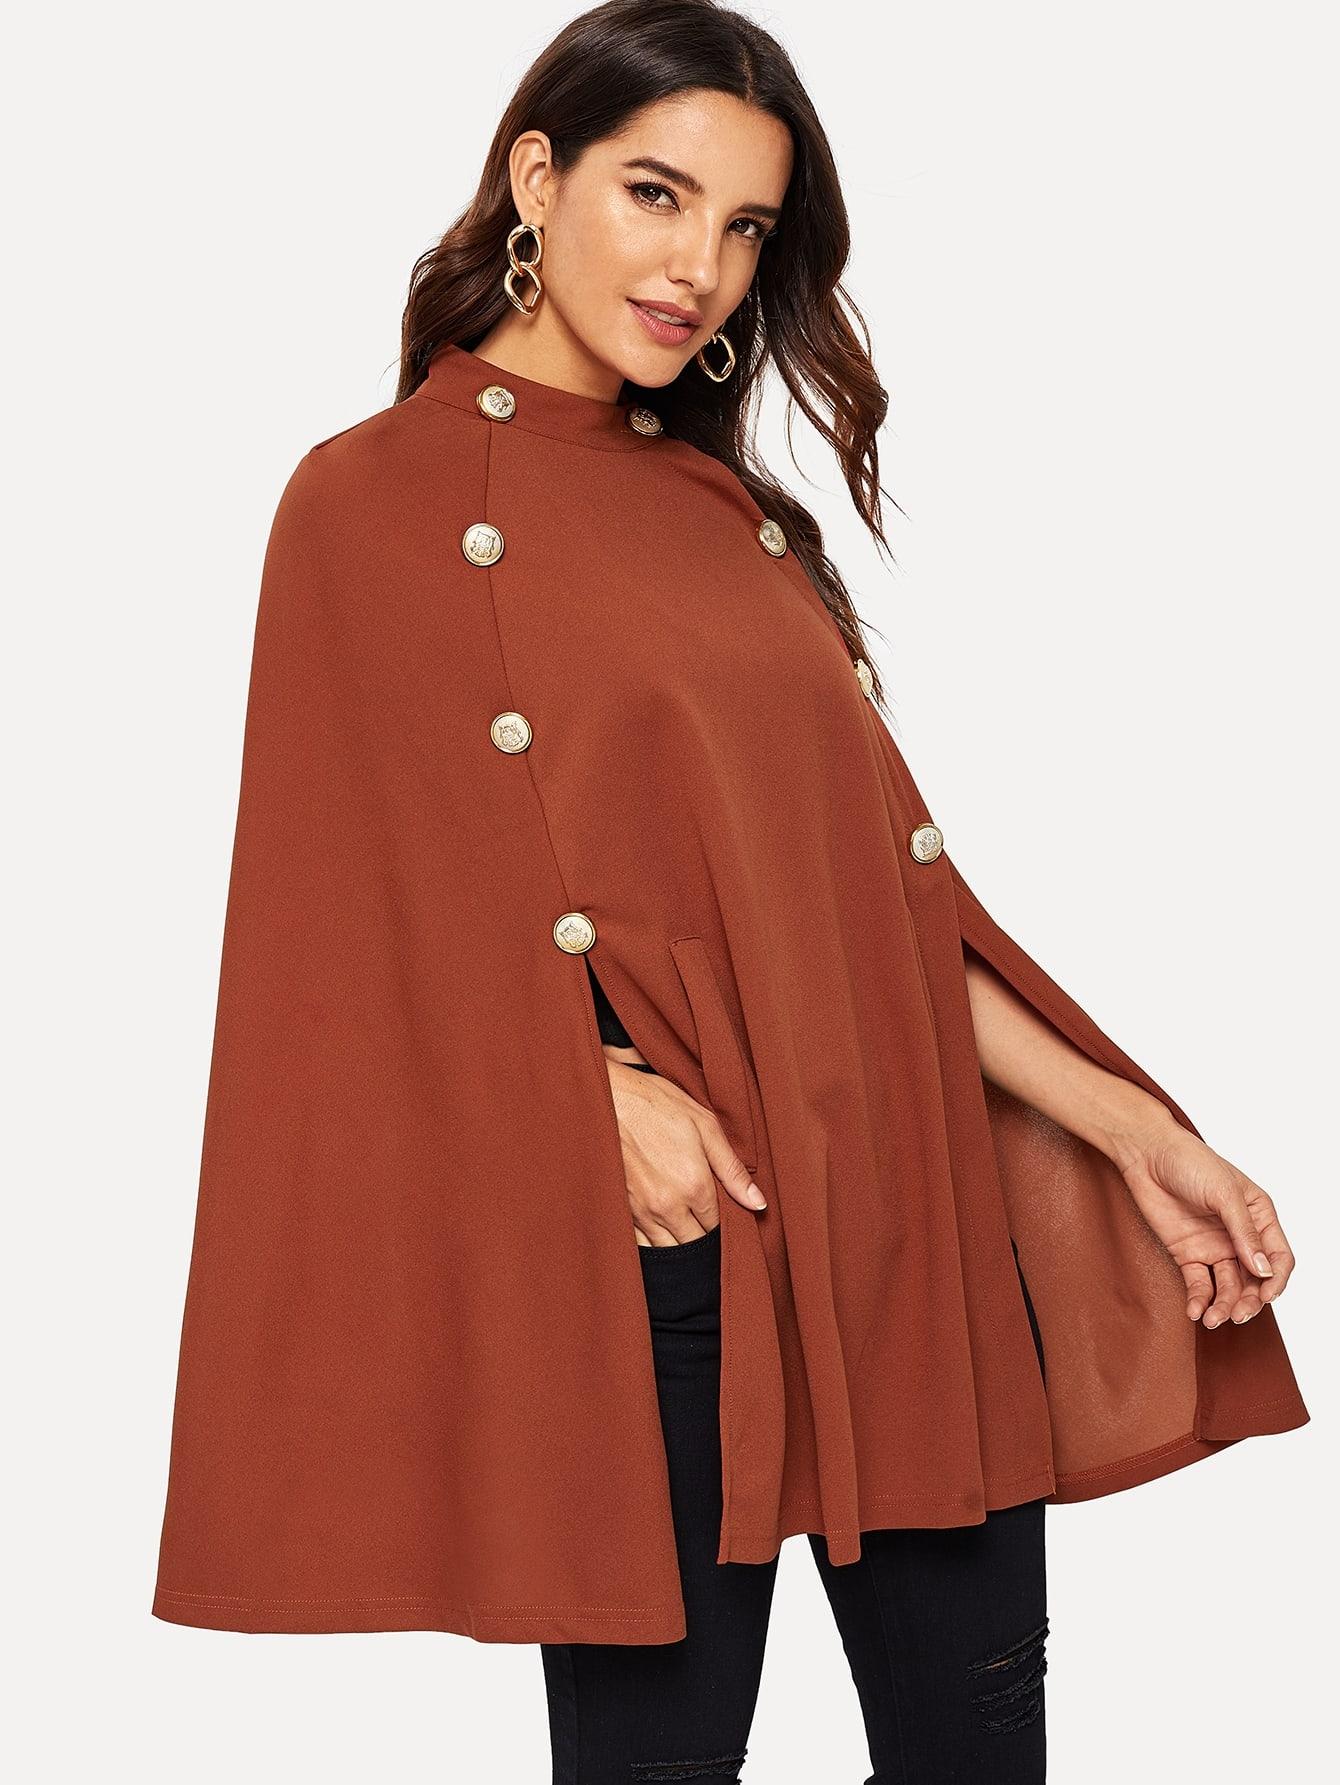 Фото - Пальто-пончо с пуговицами и стоячим воротником от SheIn коричневого цвета